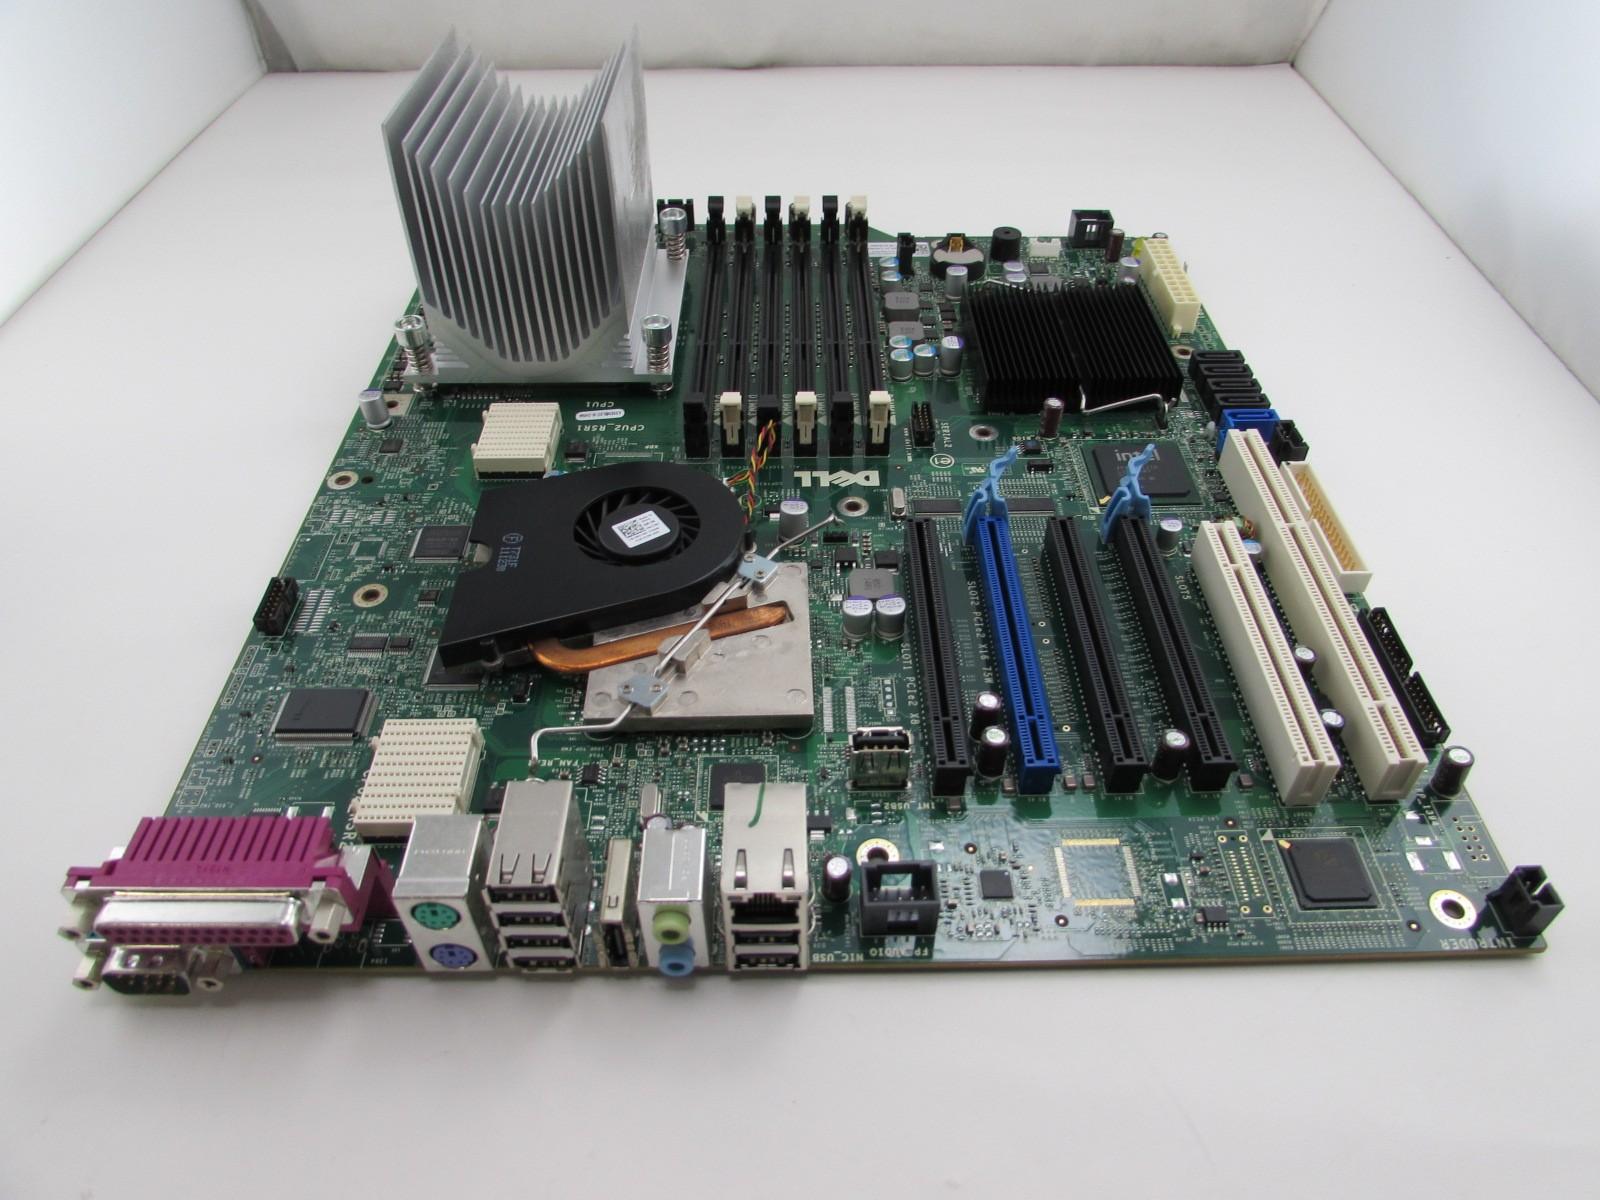 Dell Precision T5500 Motherboard CRH6C + Xeon E5620 2 4GHz